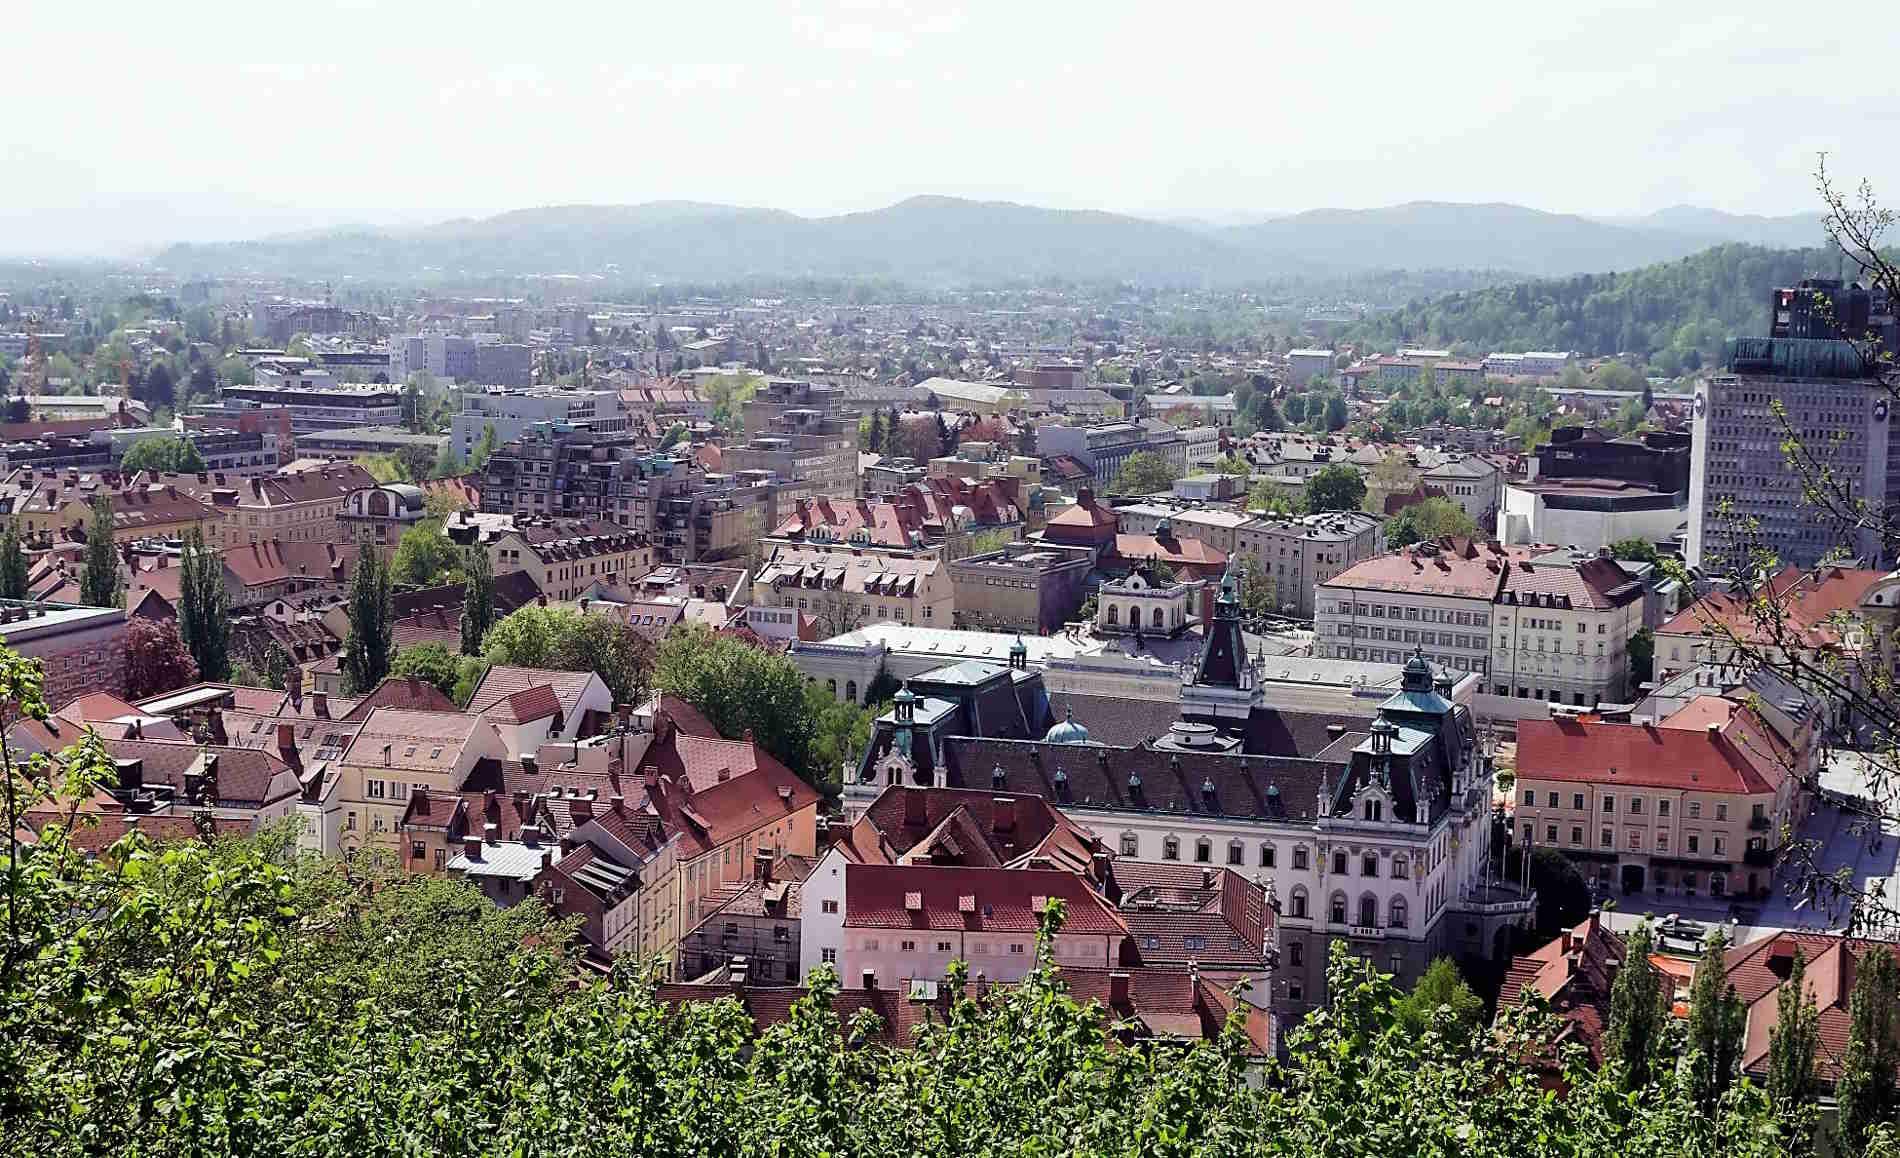 Lubiana capitale della Slovenia vista dall'alto Europa